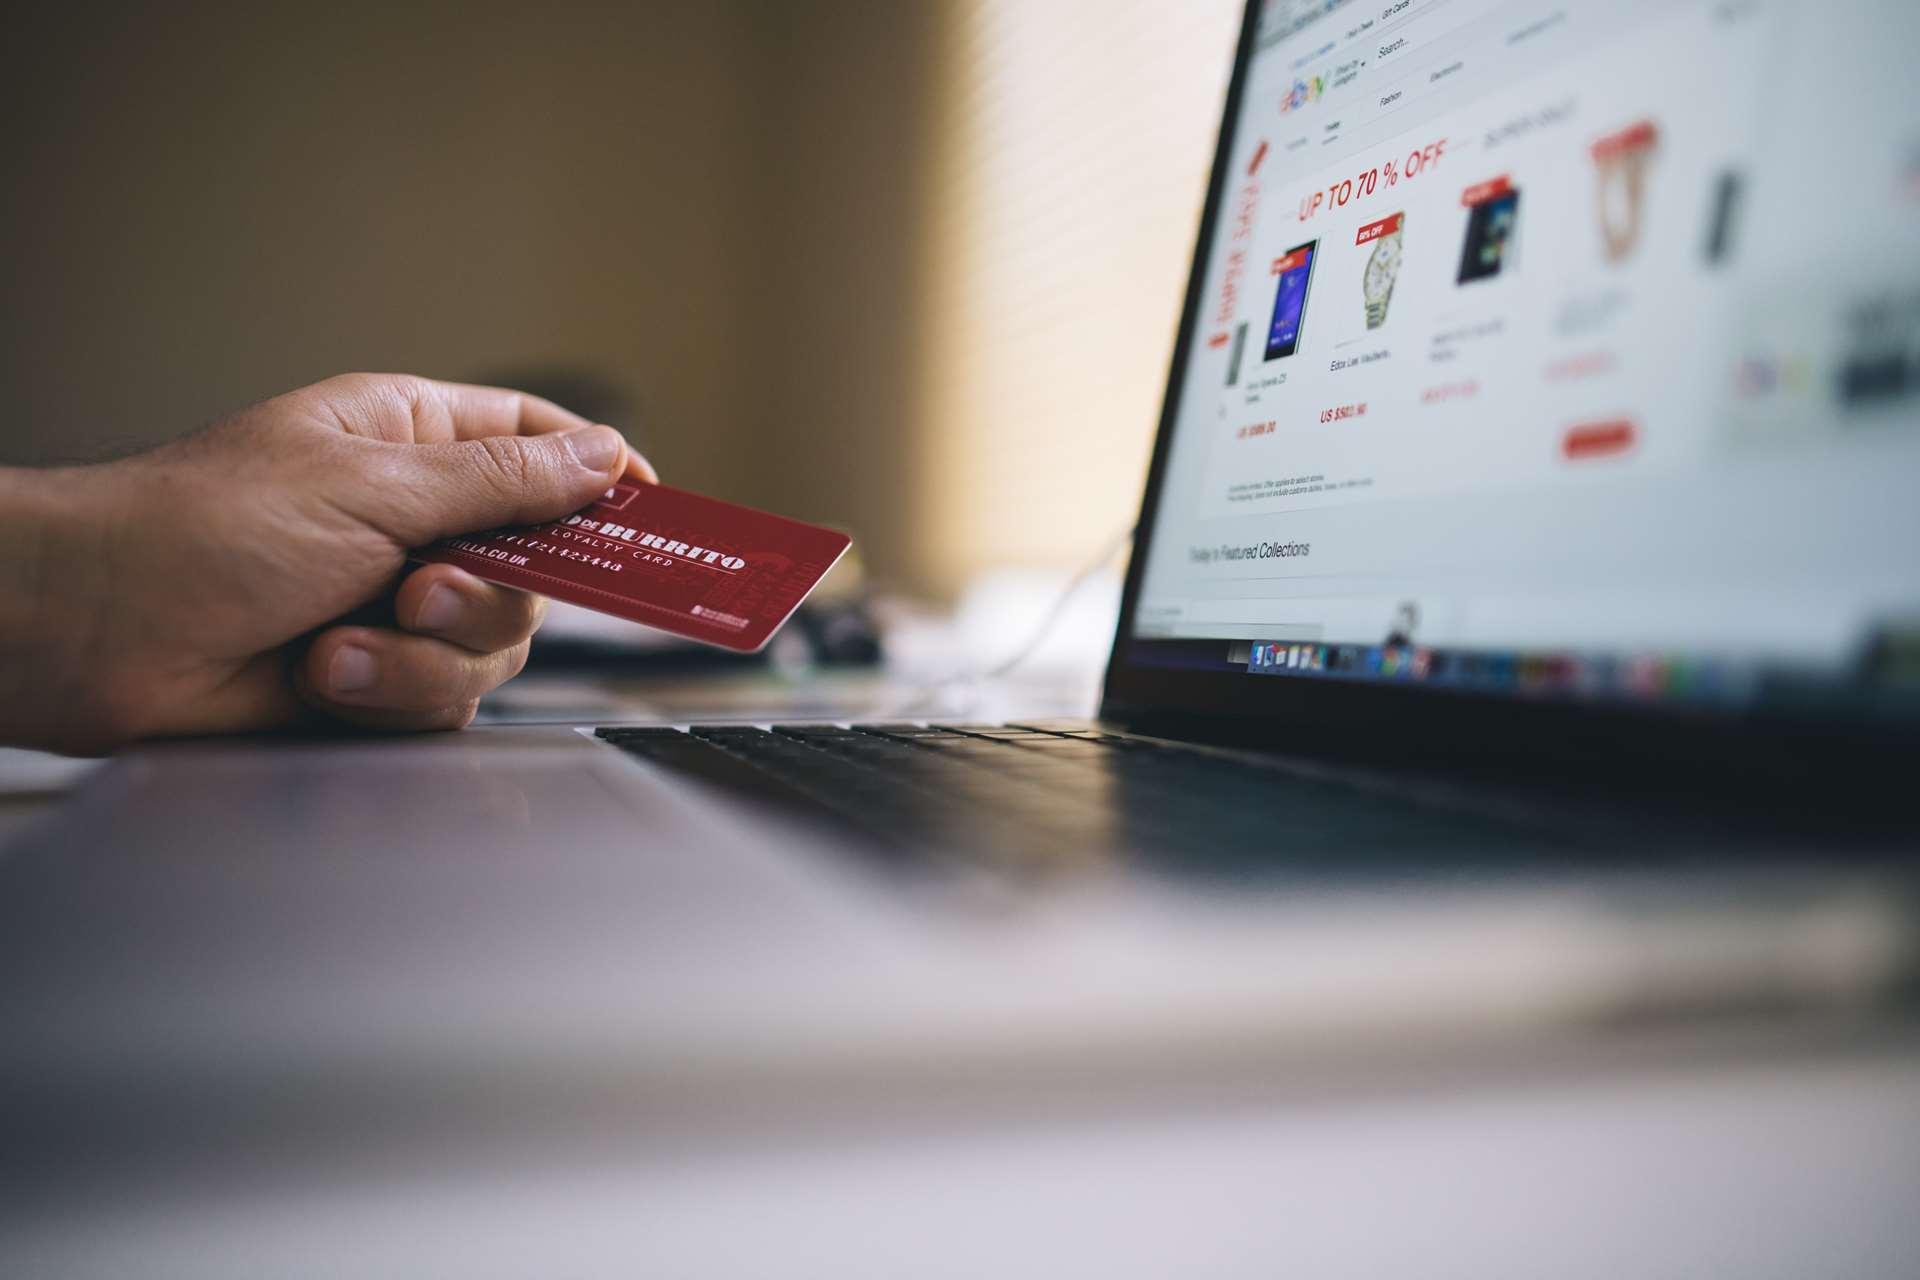 Электронная коммерция - Digife